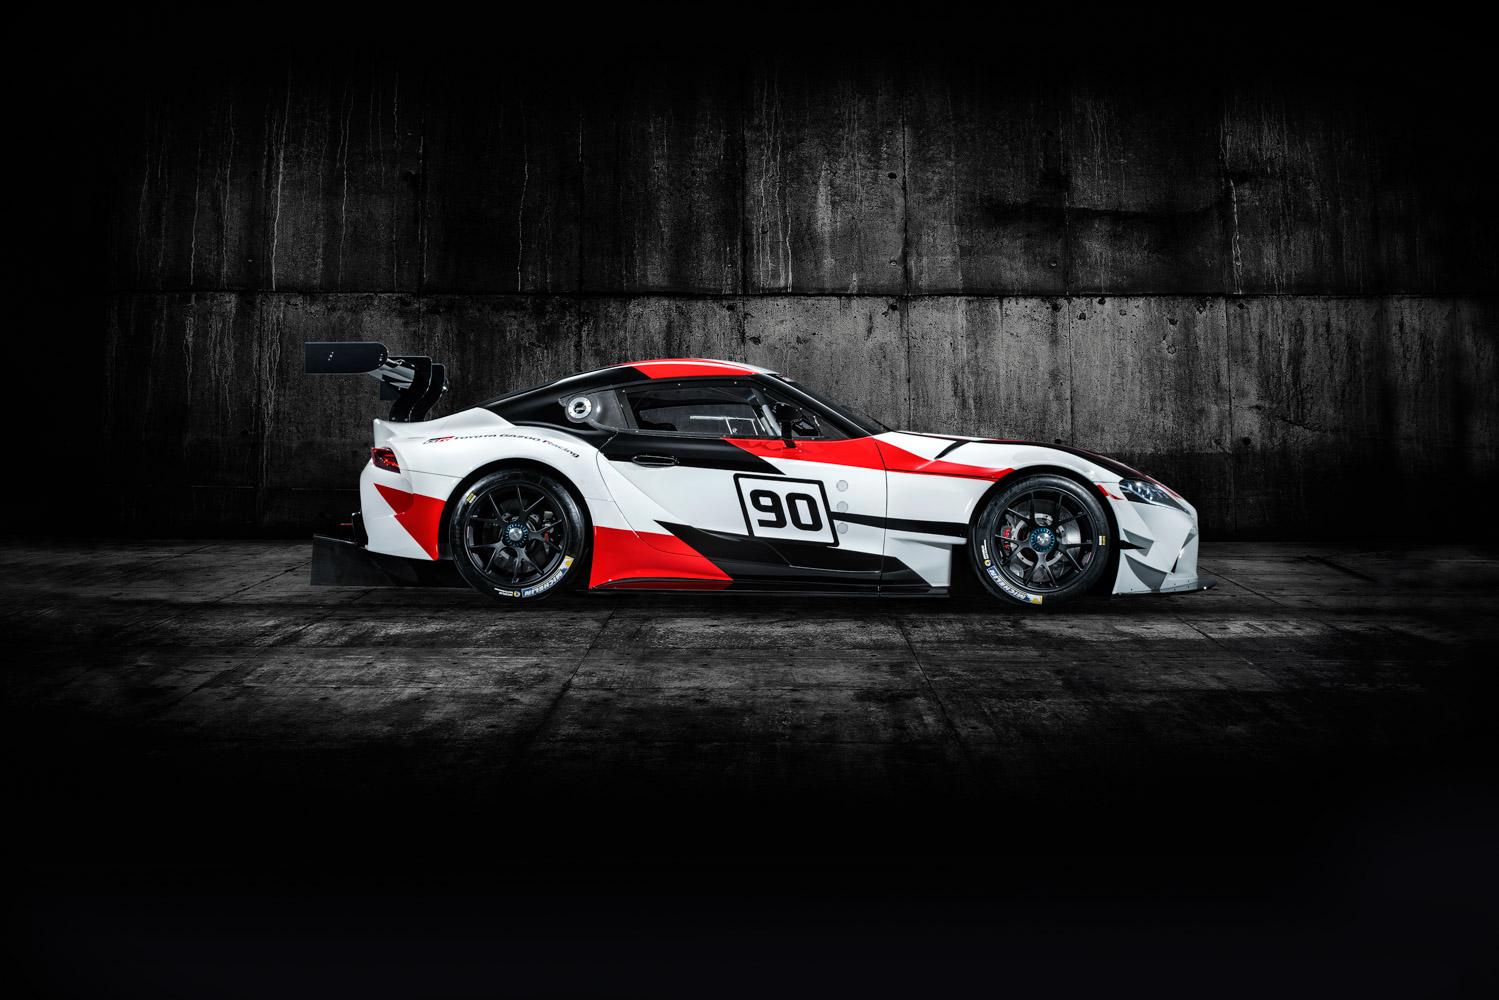 toyota-gazoo-racing-supra-concept_26793664768_o.jpg